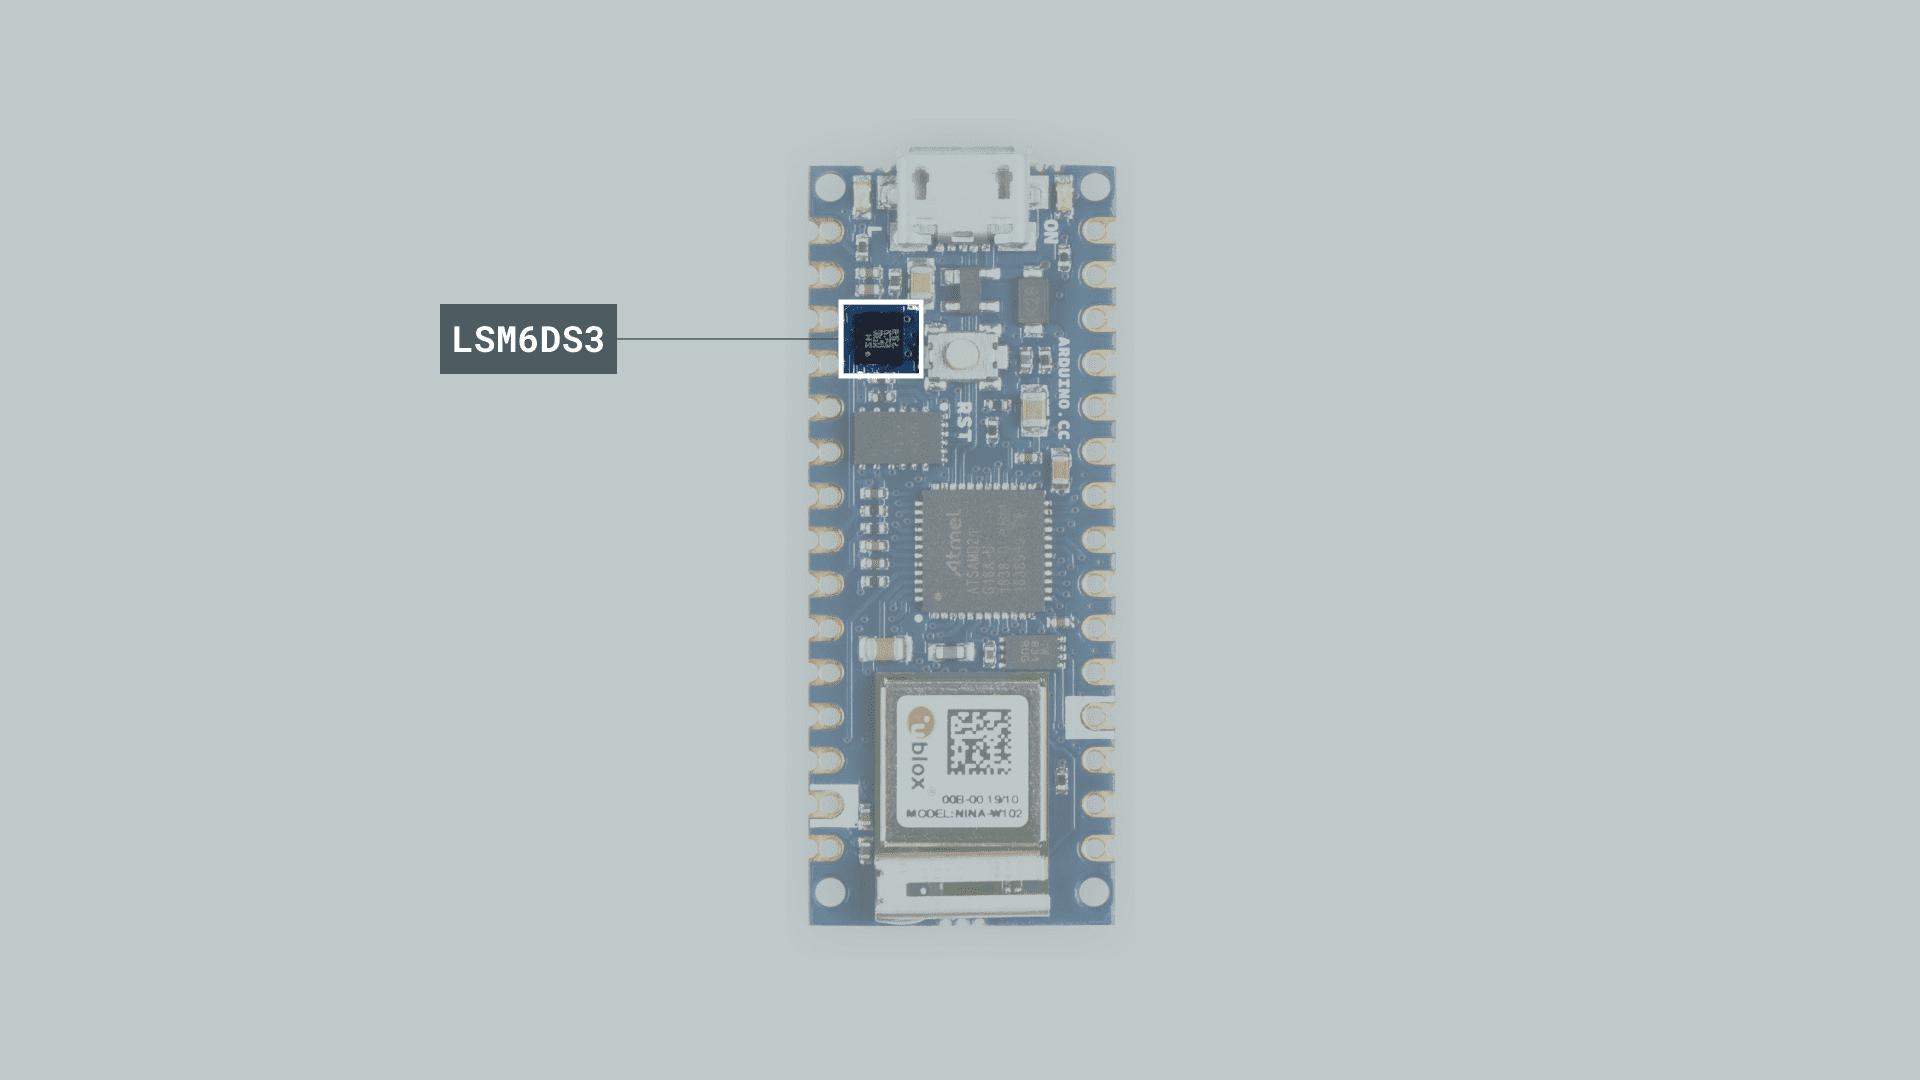 سنسور اینرسی LSM6DS3 برد آردوینو Nano 33 - دیجی اسپارک